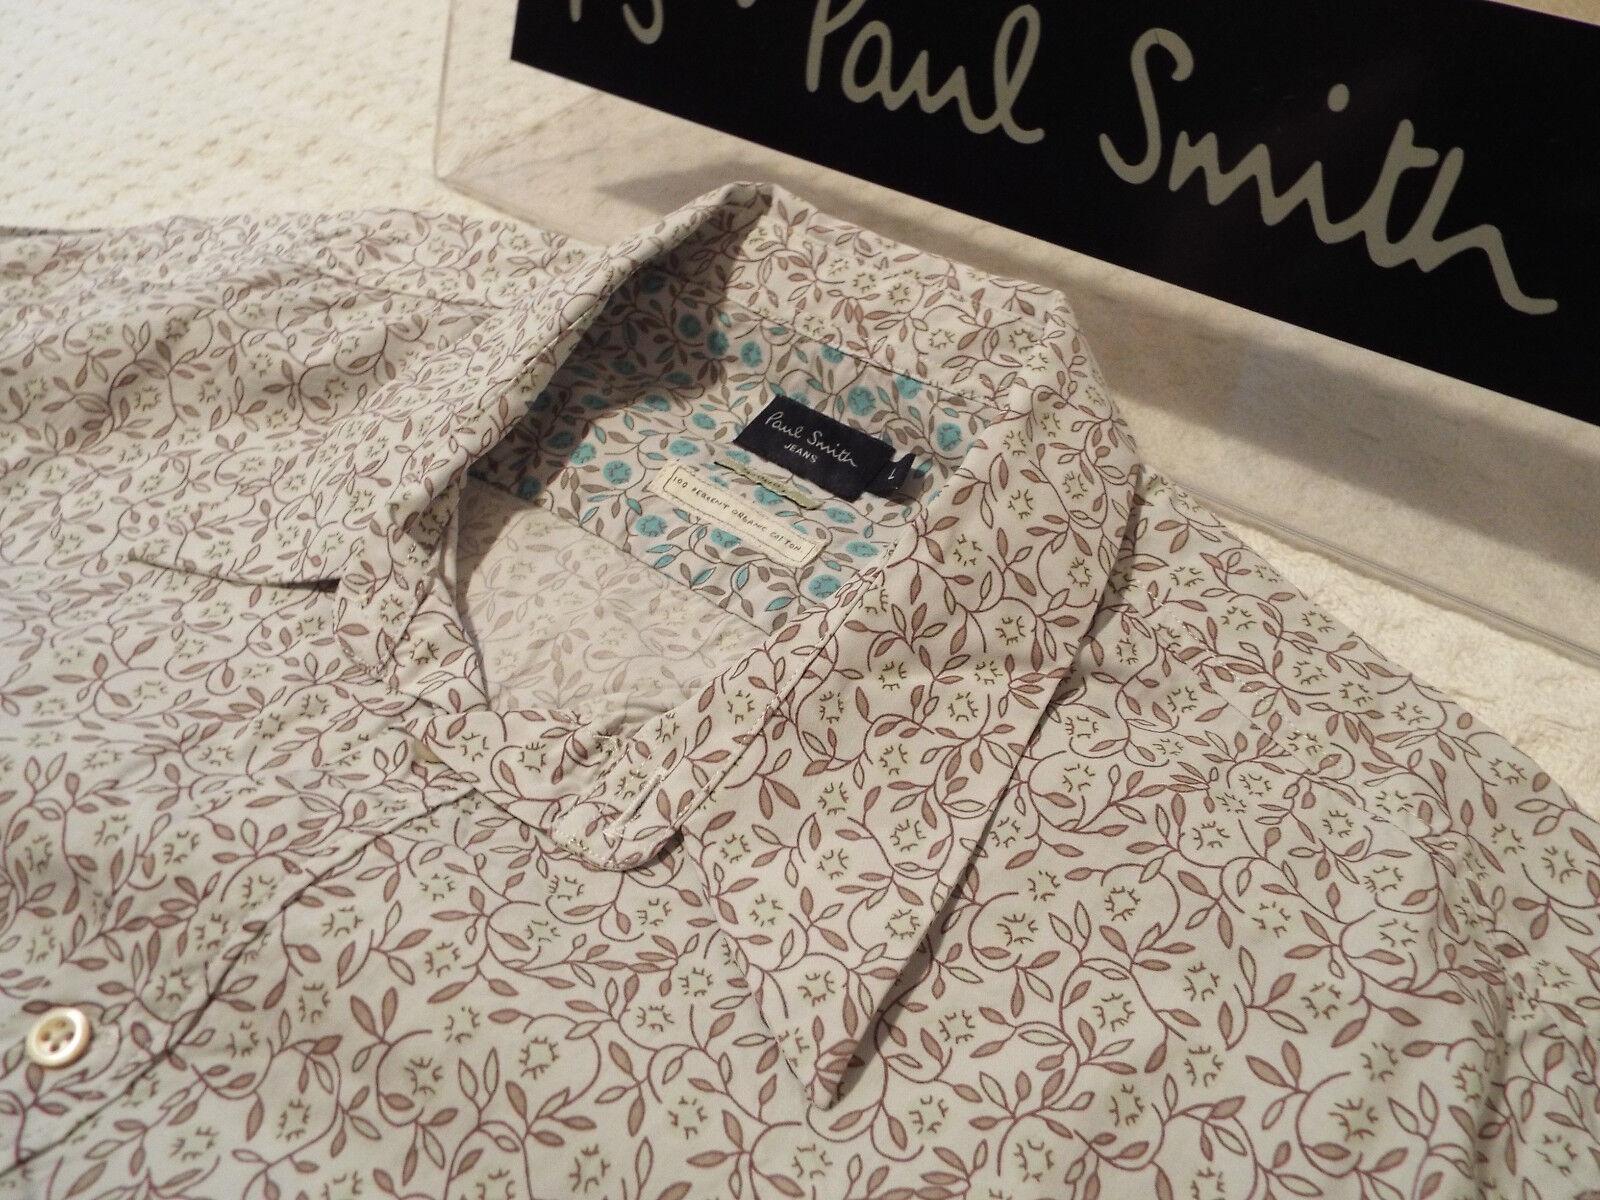 PAUL SMITH Mens Shirt Shirt Shirt  Größe L (CHEST 42 )   +  FLORAL LIBERTY STYLE   Öffnen Sie das Interesse und die Innovation Ihres Kindes, aber auch die Unschuld von Kindern, kindlich, glücklich  18077a